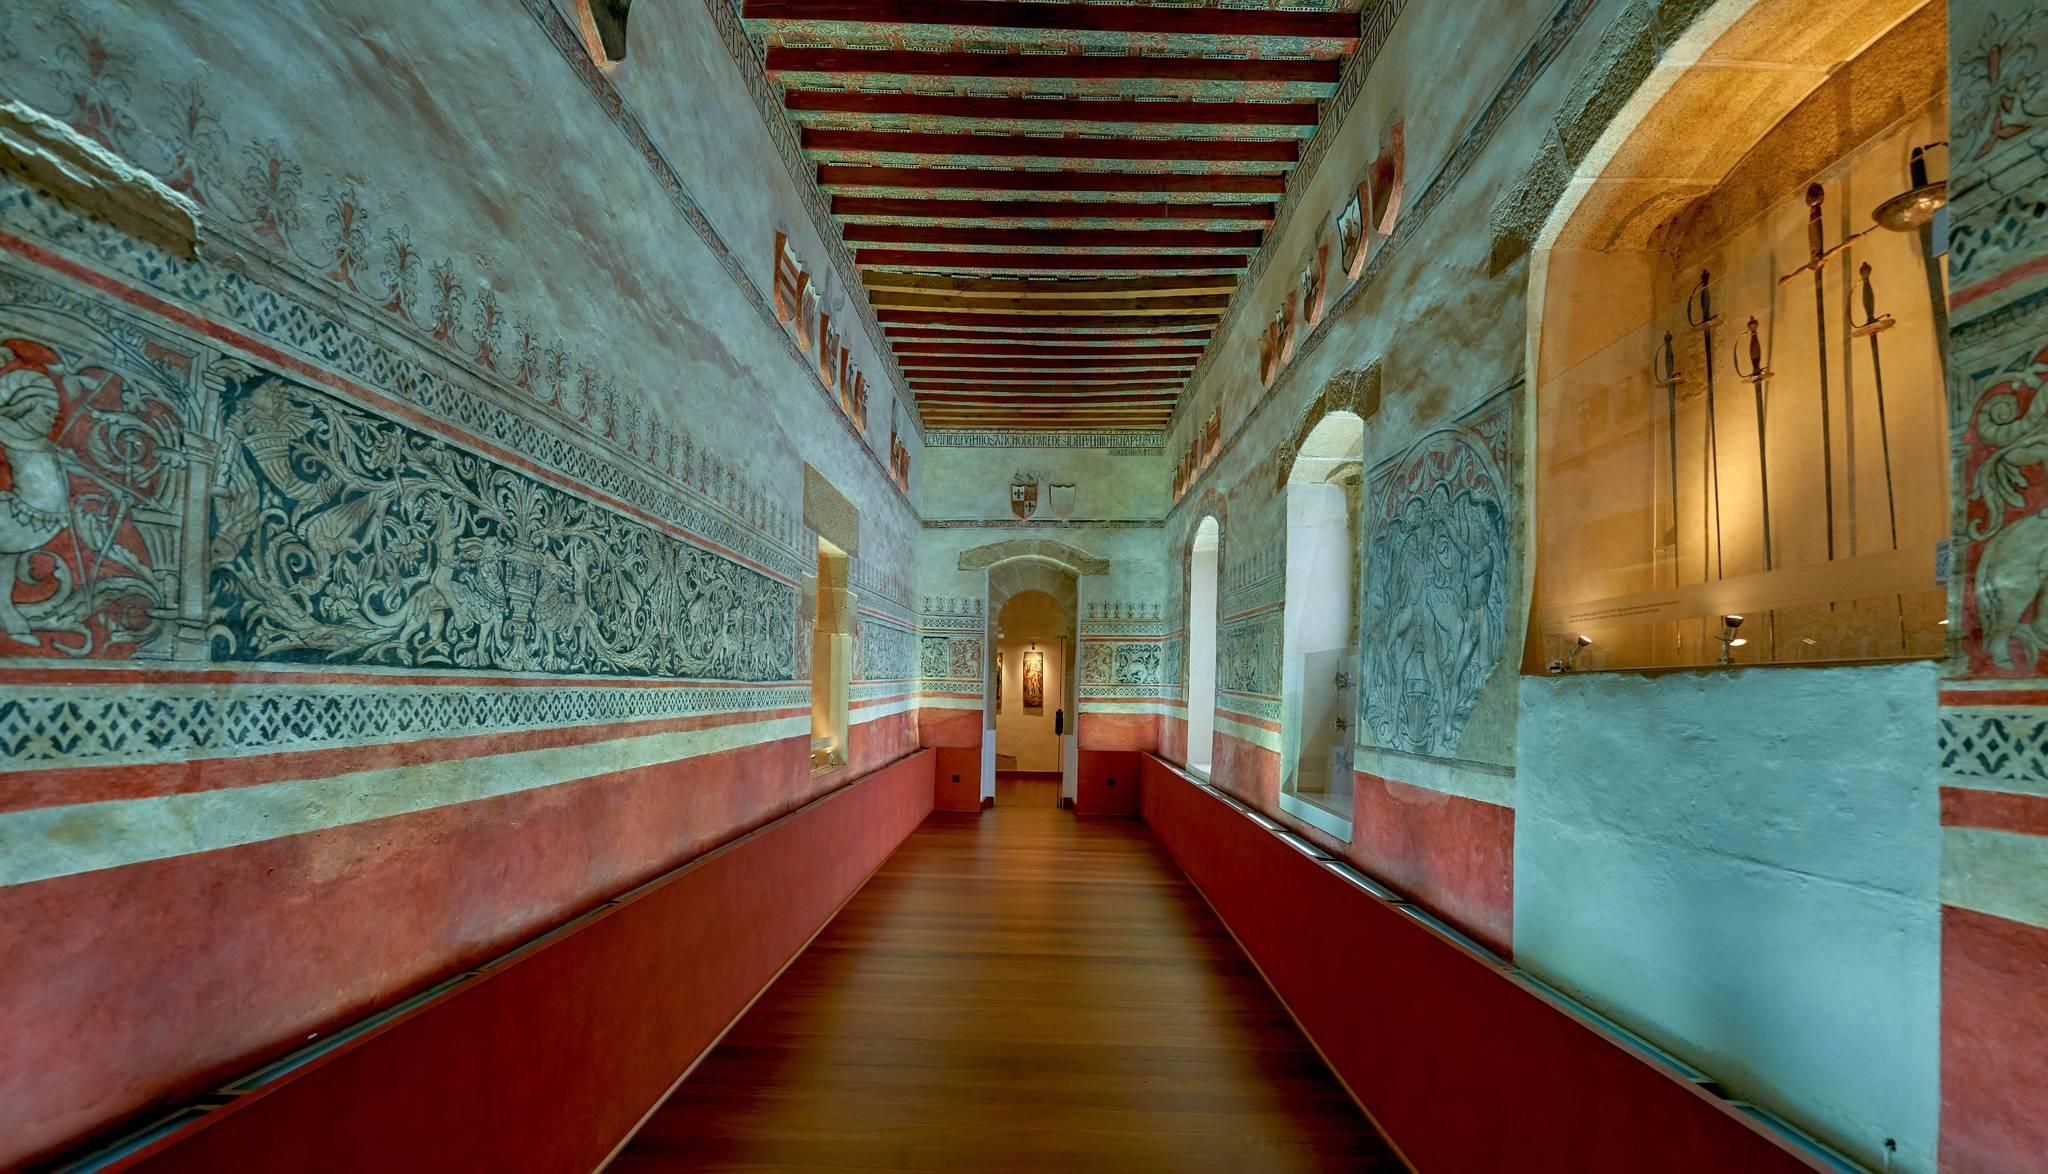 Sala de Armas del Palacio de los Golfines.